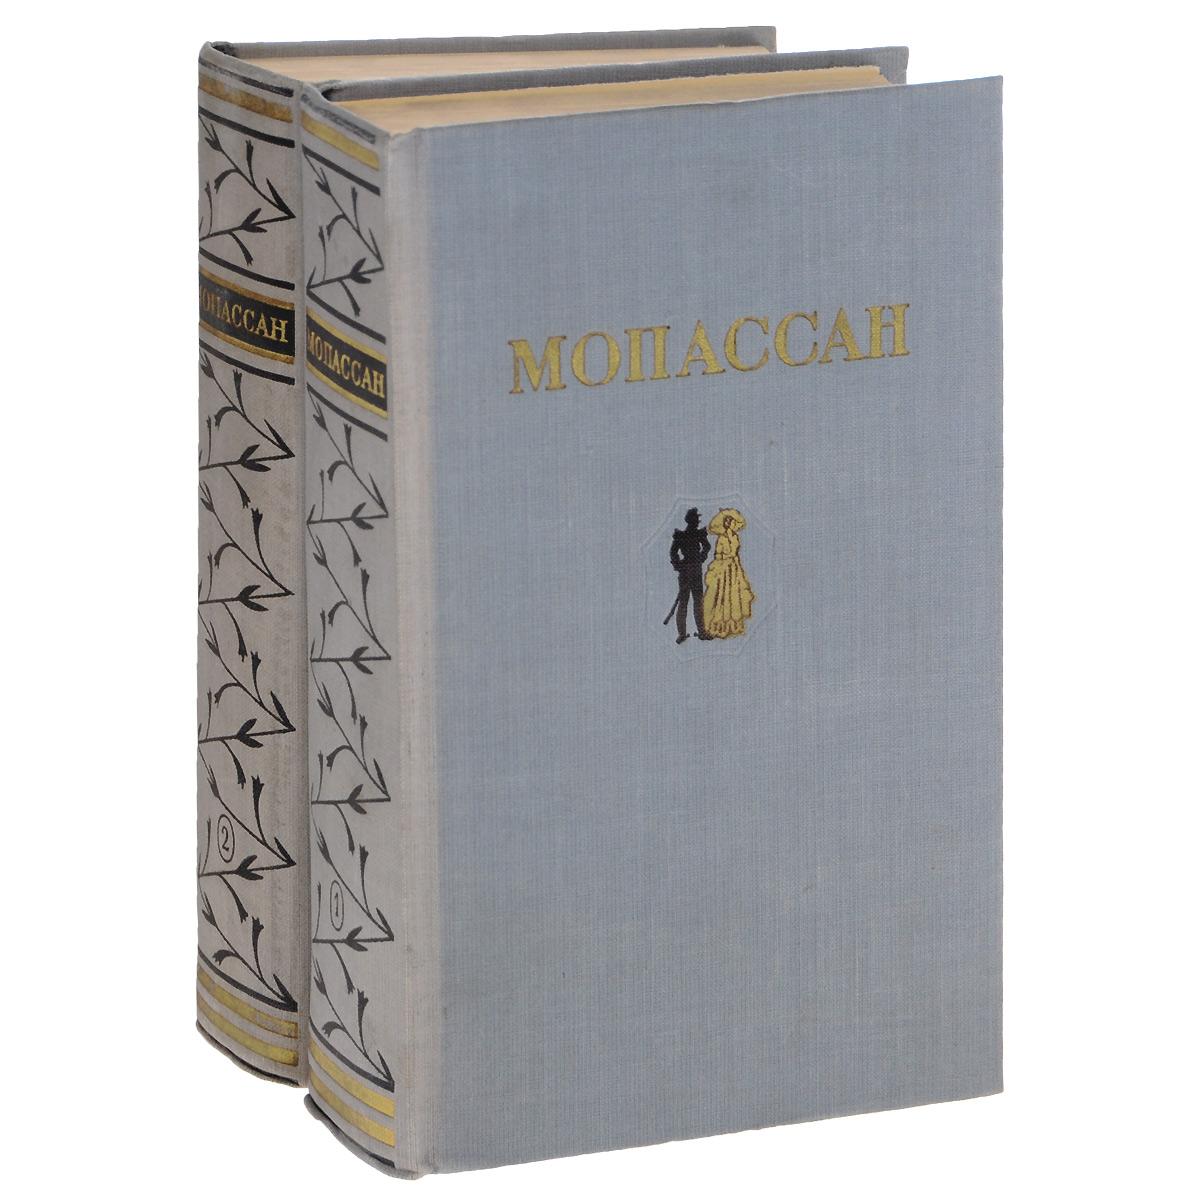 Ги Де Мопассан Ги Де Мопассан. Избранные произведения. В 2 томах (комплект из 2 книг)